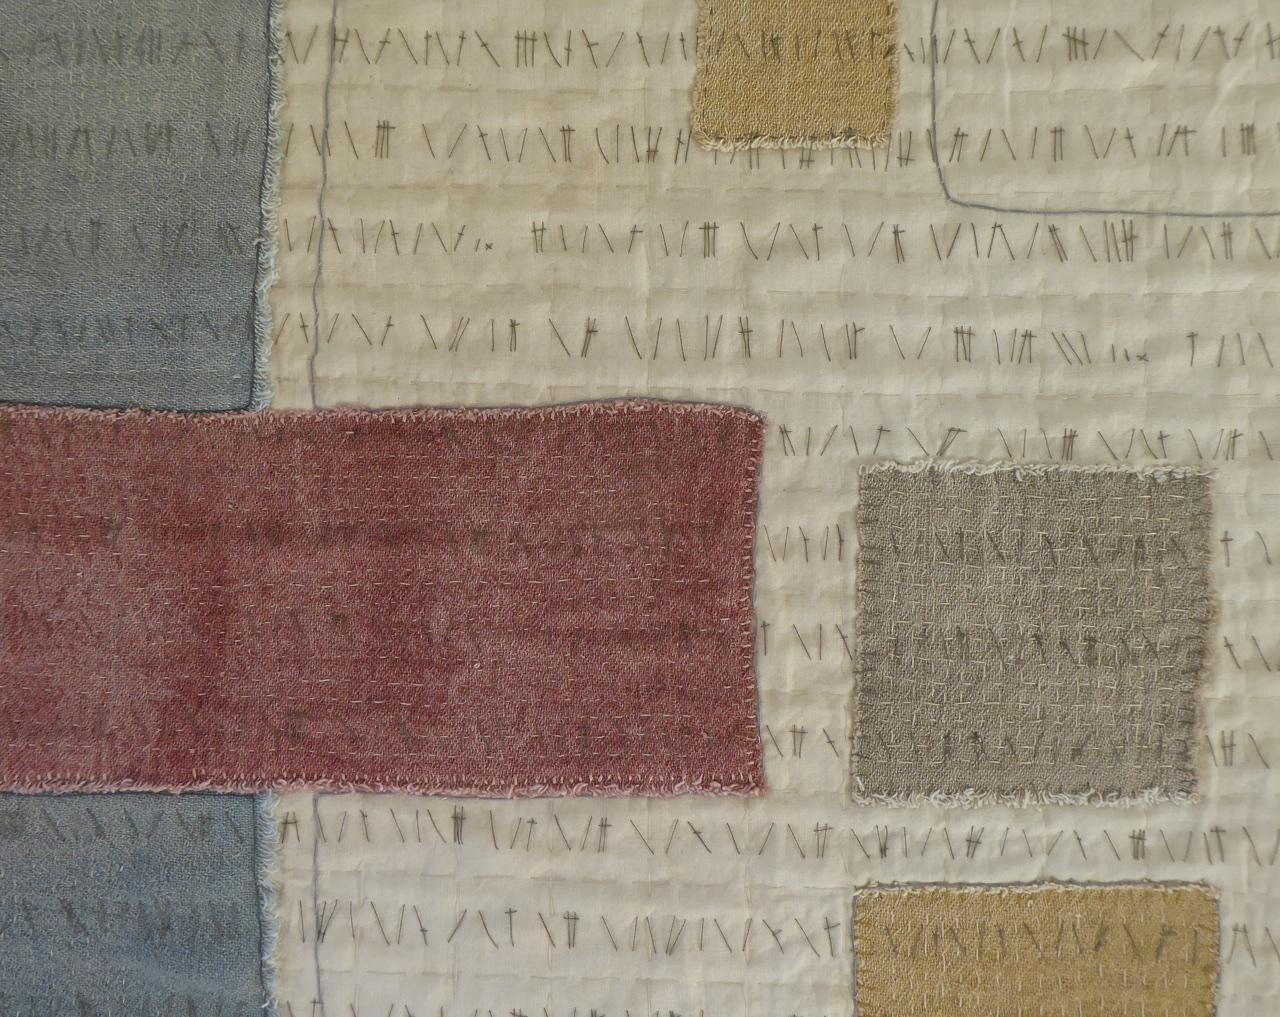 Volet du Luberon (detail)